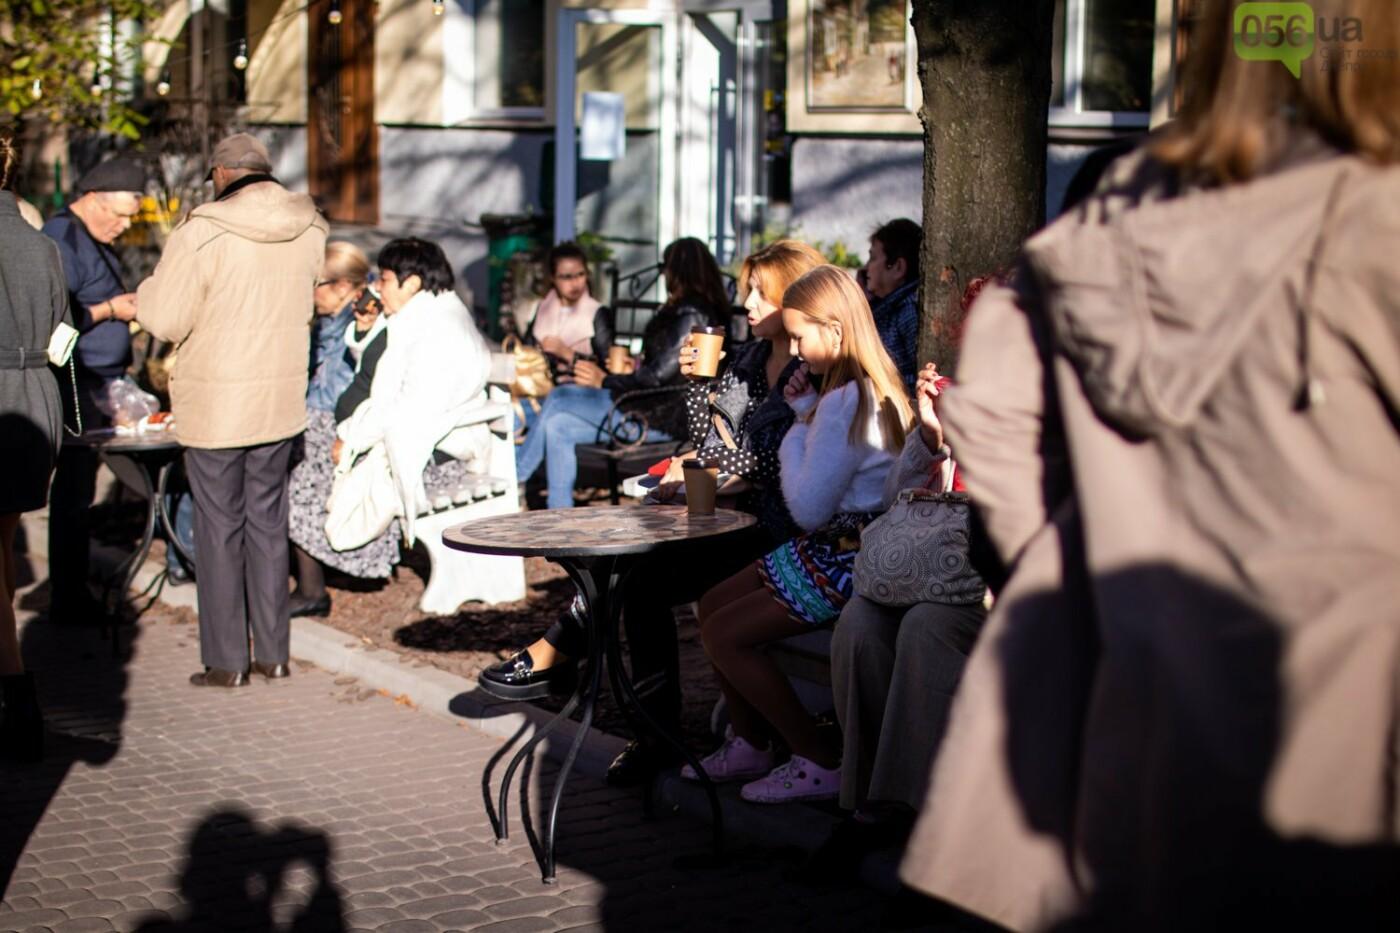 Кофейные ароматы, шоколад и солнце: как в Днепре прошел фестиваль «Осень с привкусом кофе», - ФОТОРЕПОРТАЖ, фото-1